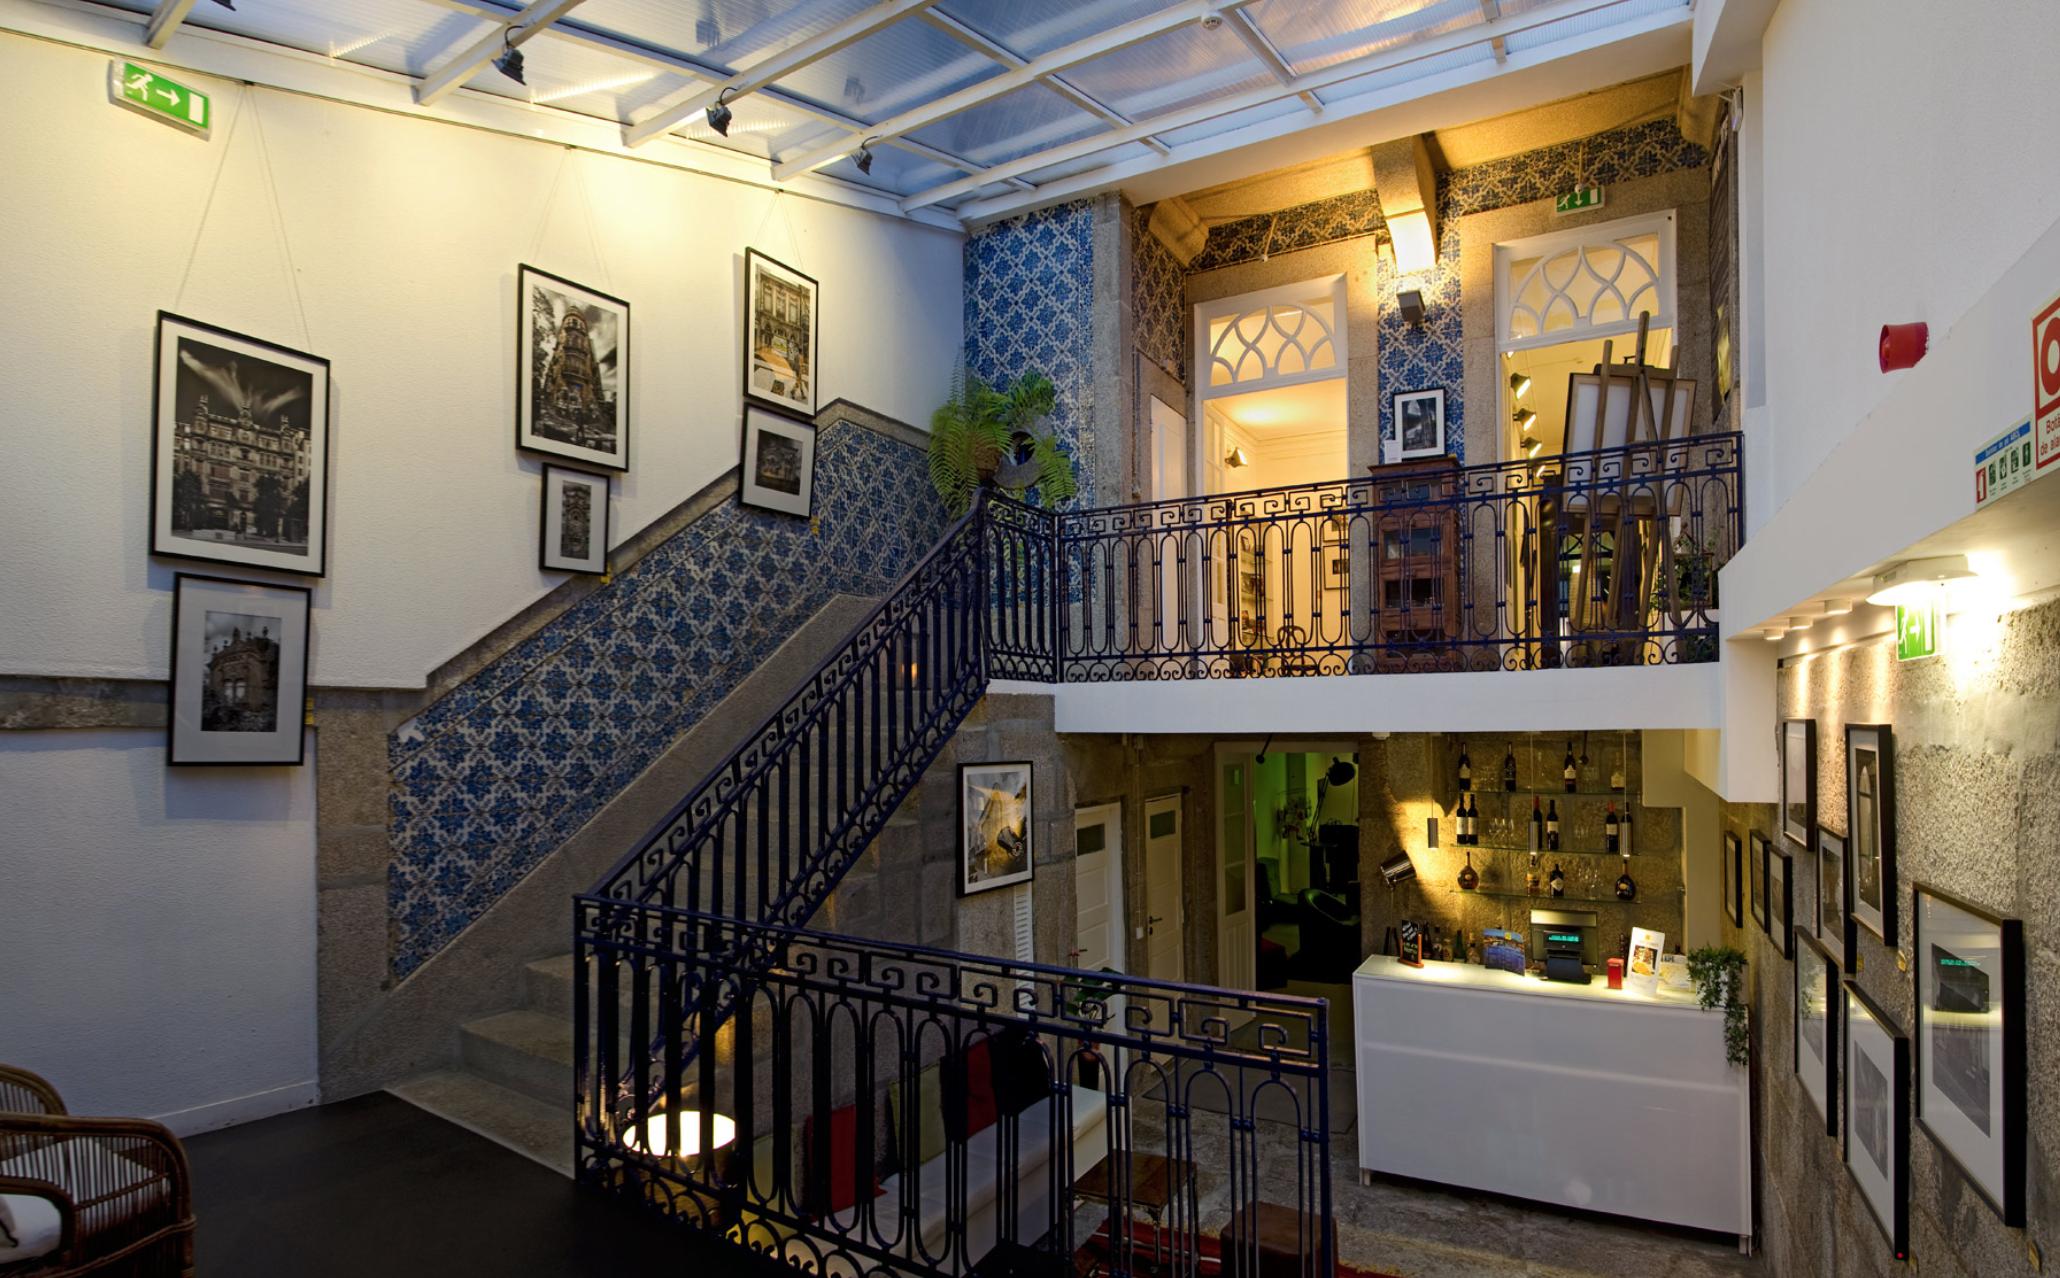 Phòng trưng bày-Nhà nghỉ-3  5 nhà nghỉ có chất lượng tốt nhất tại Châu Âu Gallery Hostel 3